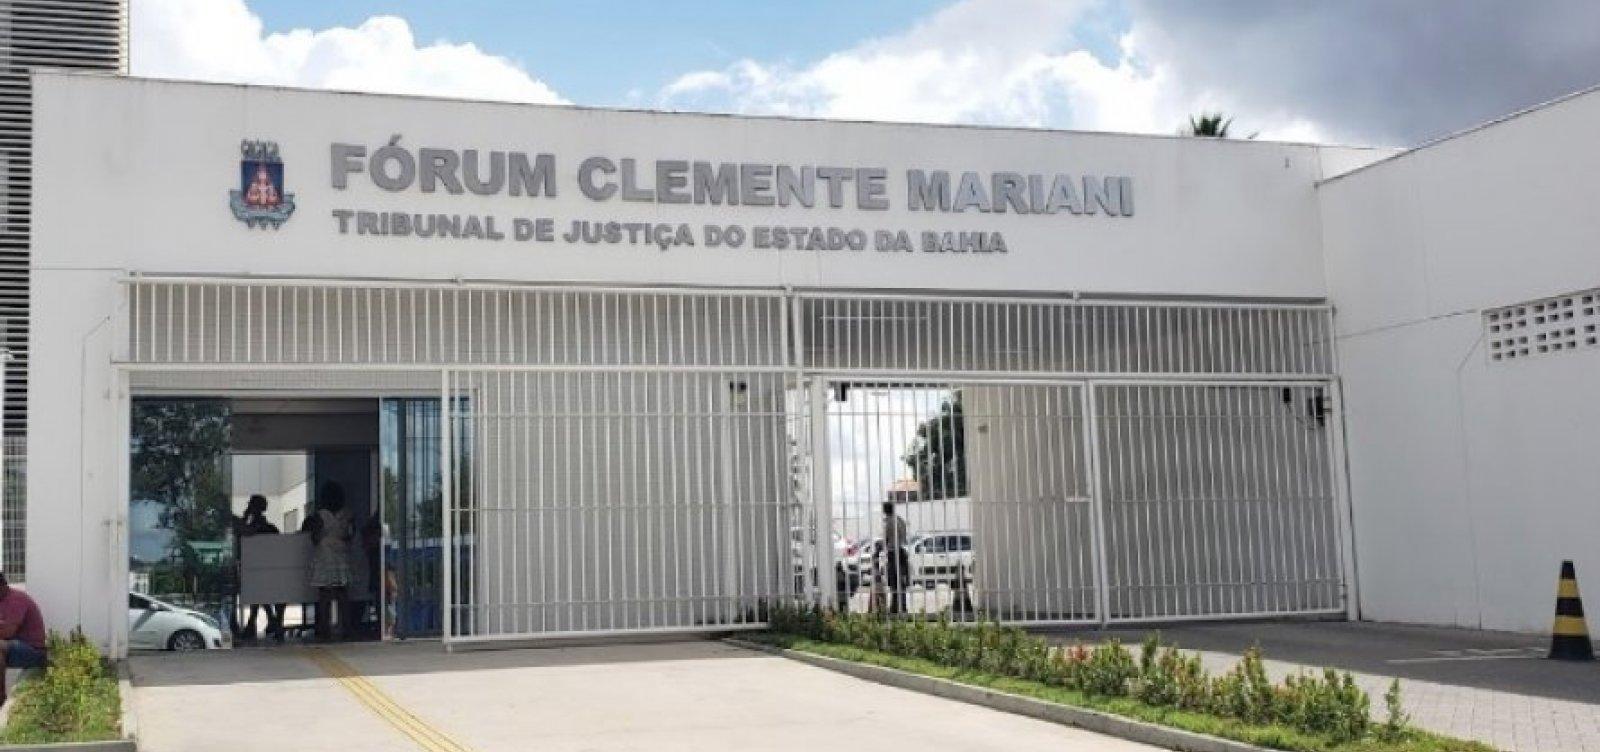 Camaçari: promotor é investigado por corrupção passiva e lavagem de dinheiro